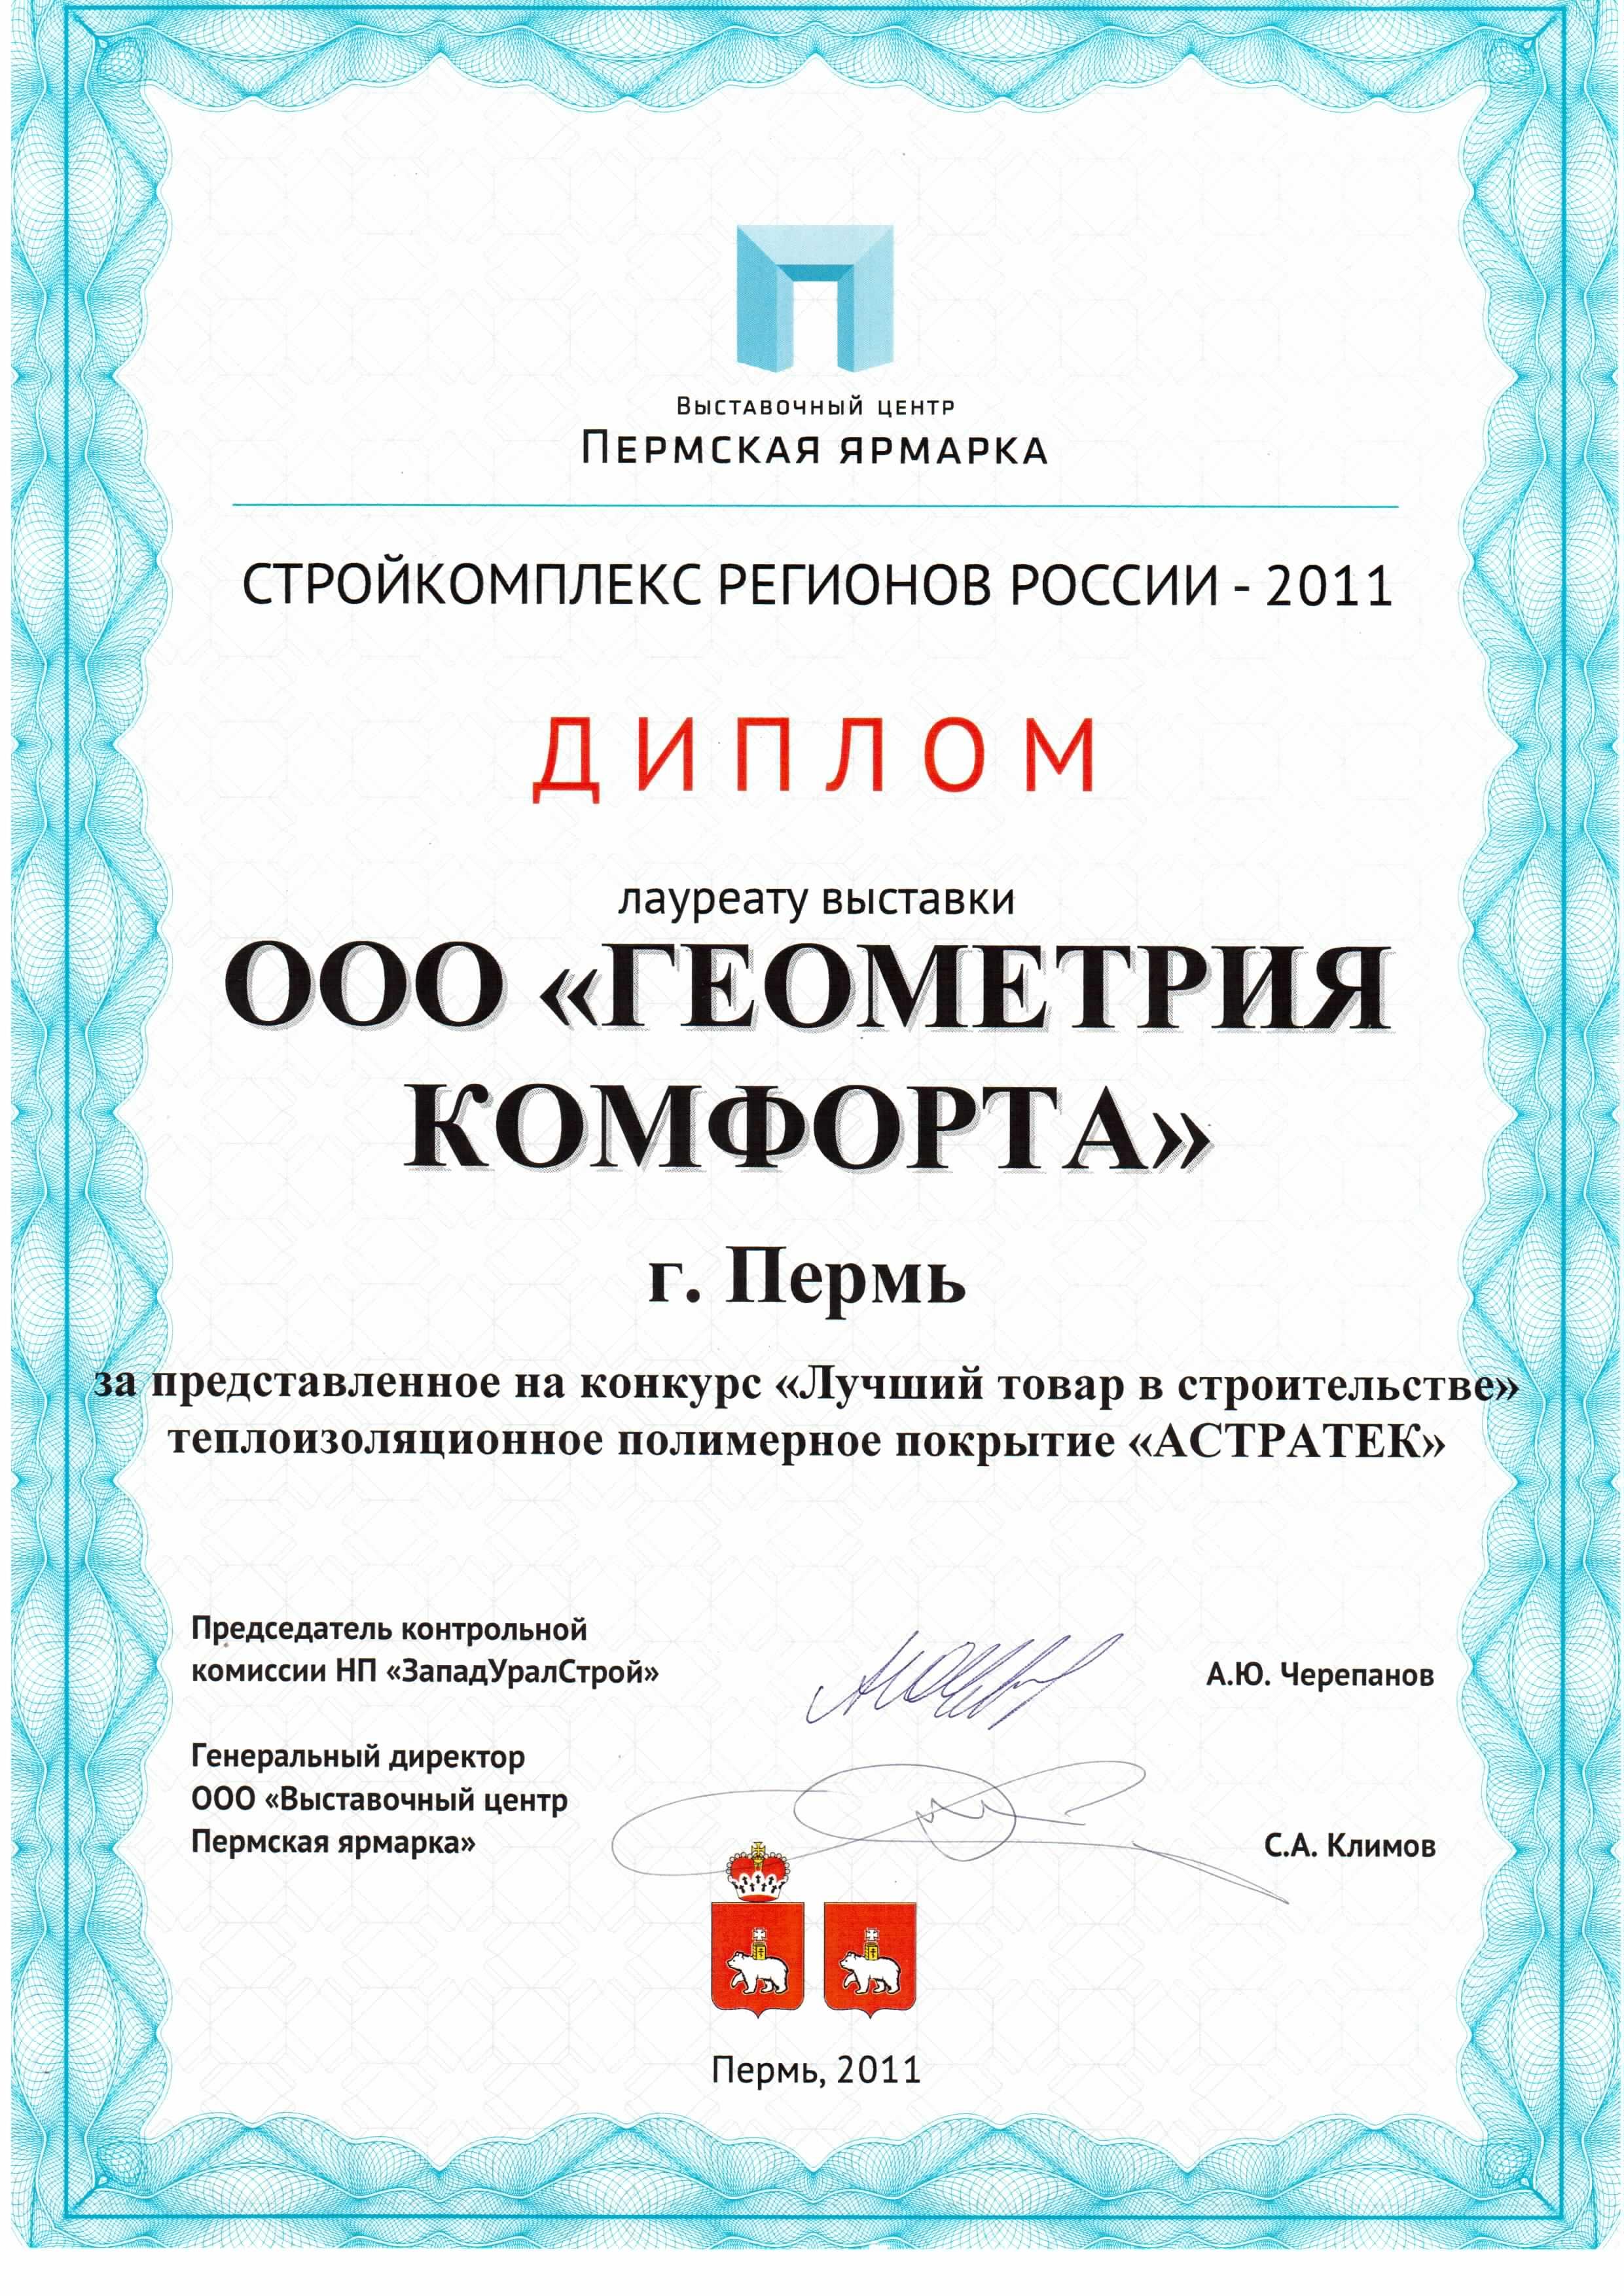 _20121006_10593807.jpg - 717.77 kB